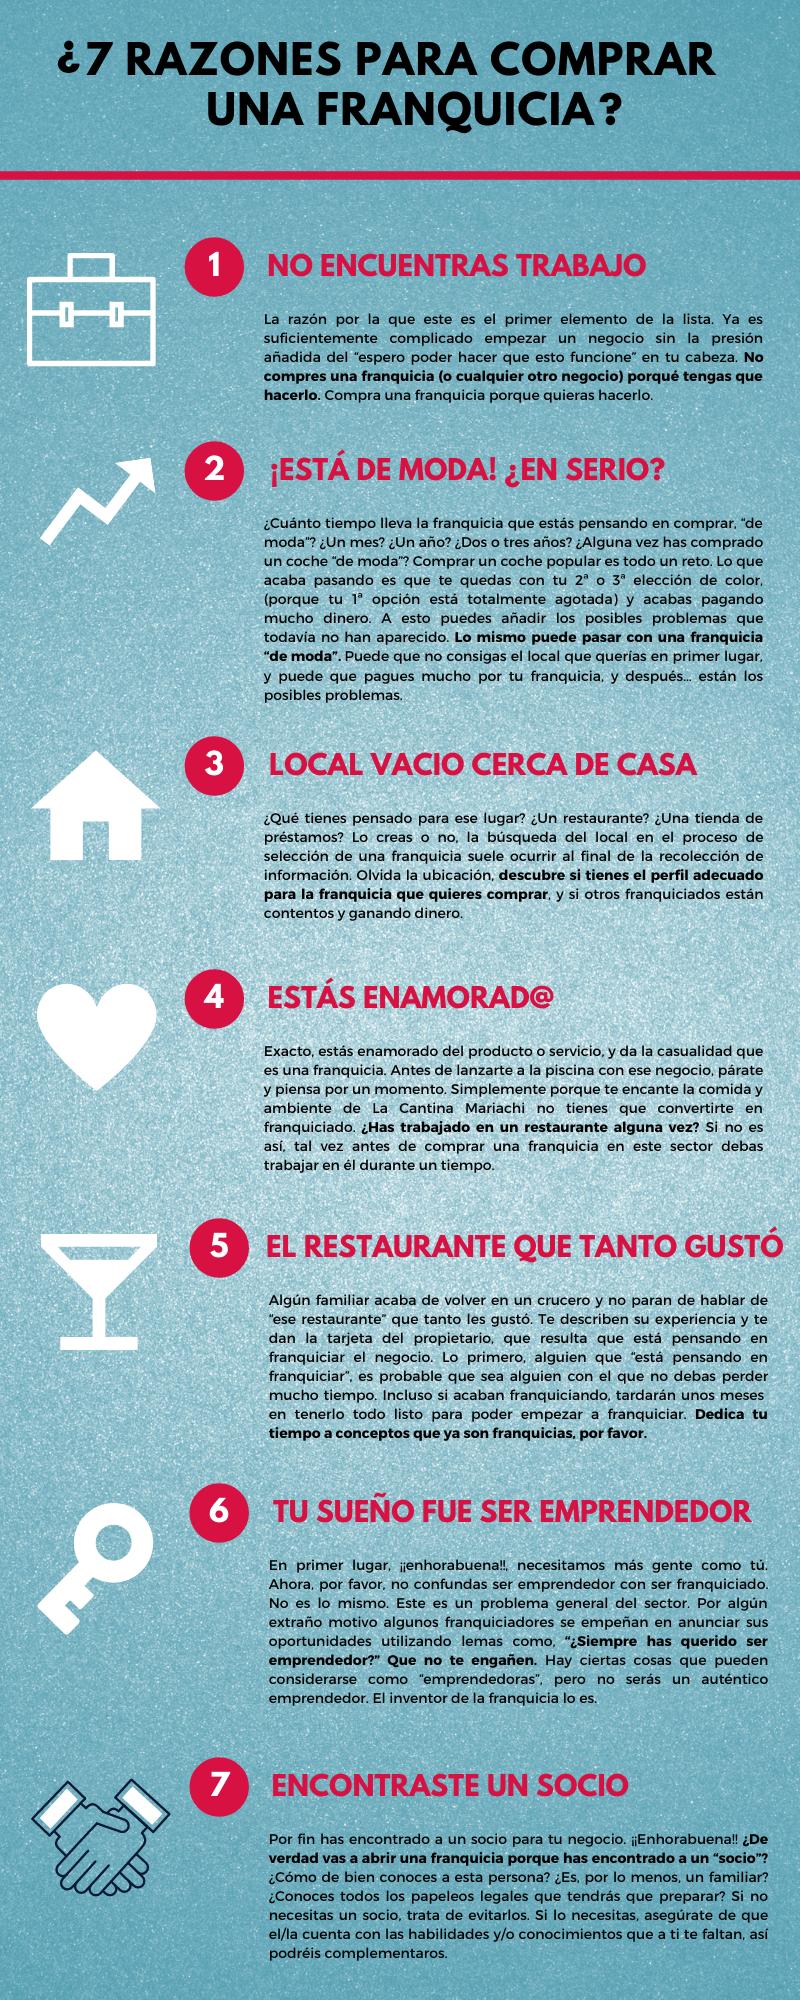 7 razones para invertir en franquicias - Infográfico